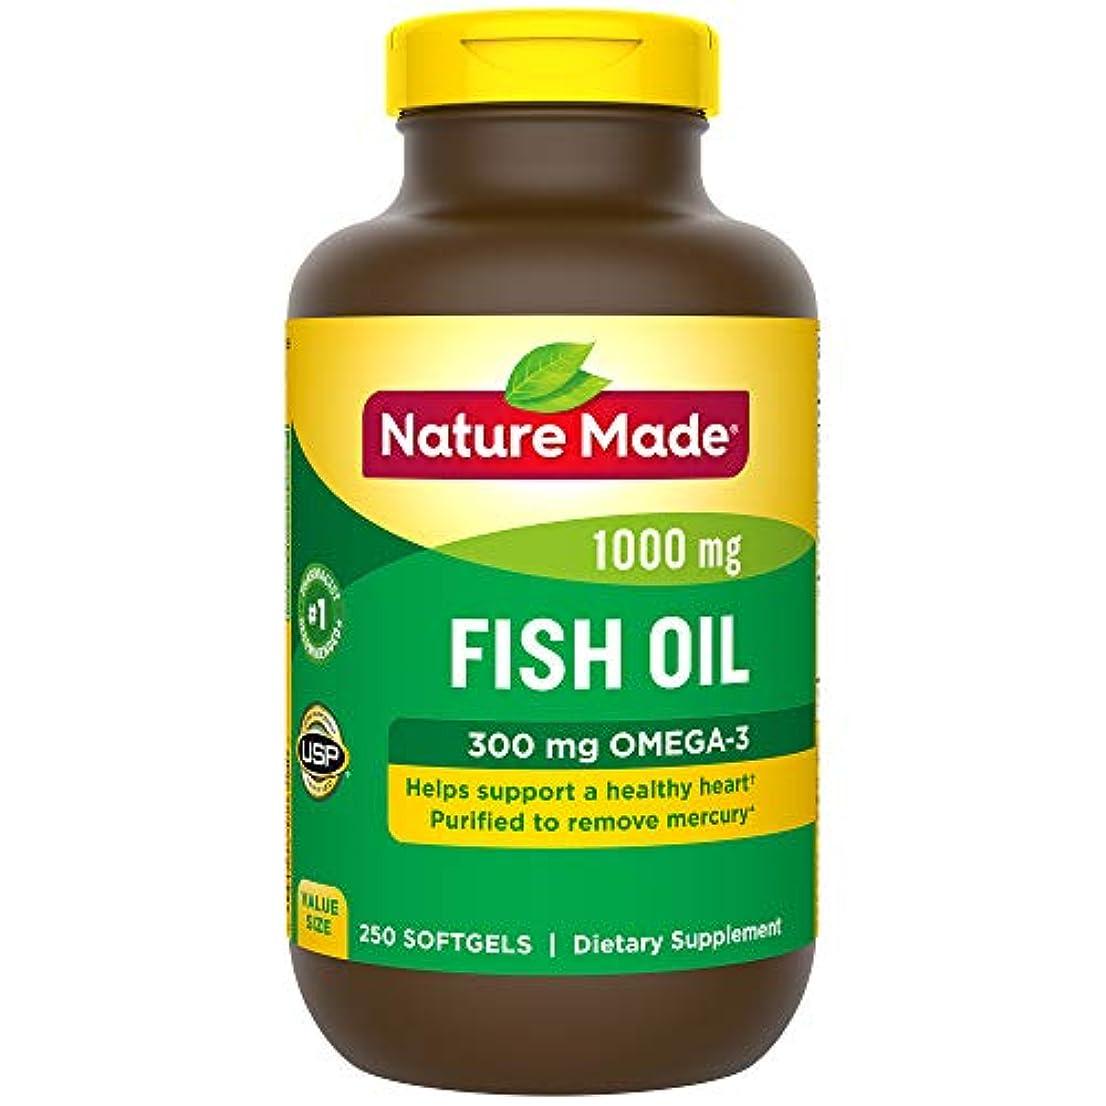 パテお母さん前売Nature Made Fish Oil 1000 Mg, Value Size, Softgels, 250-Count 海外直送品